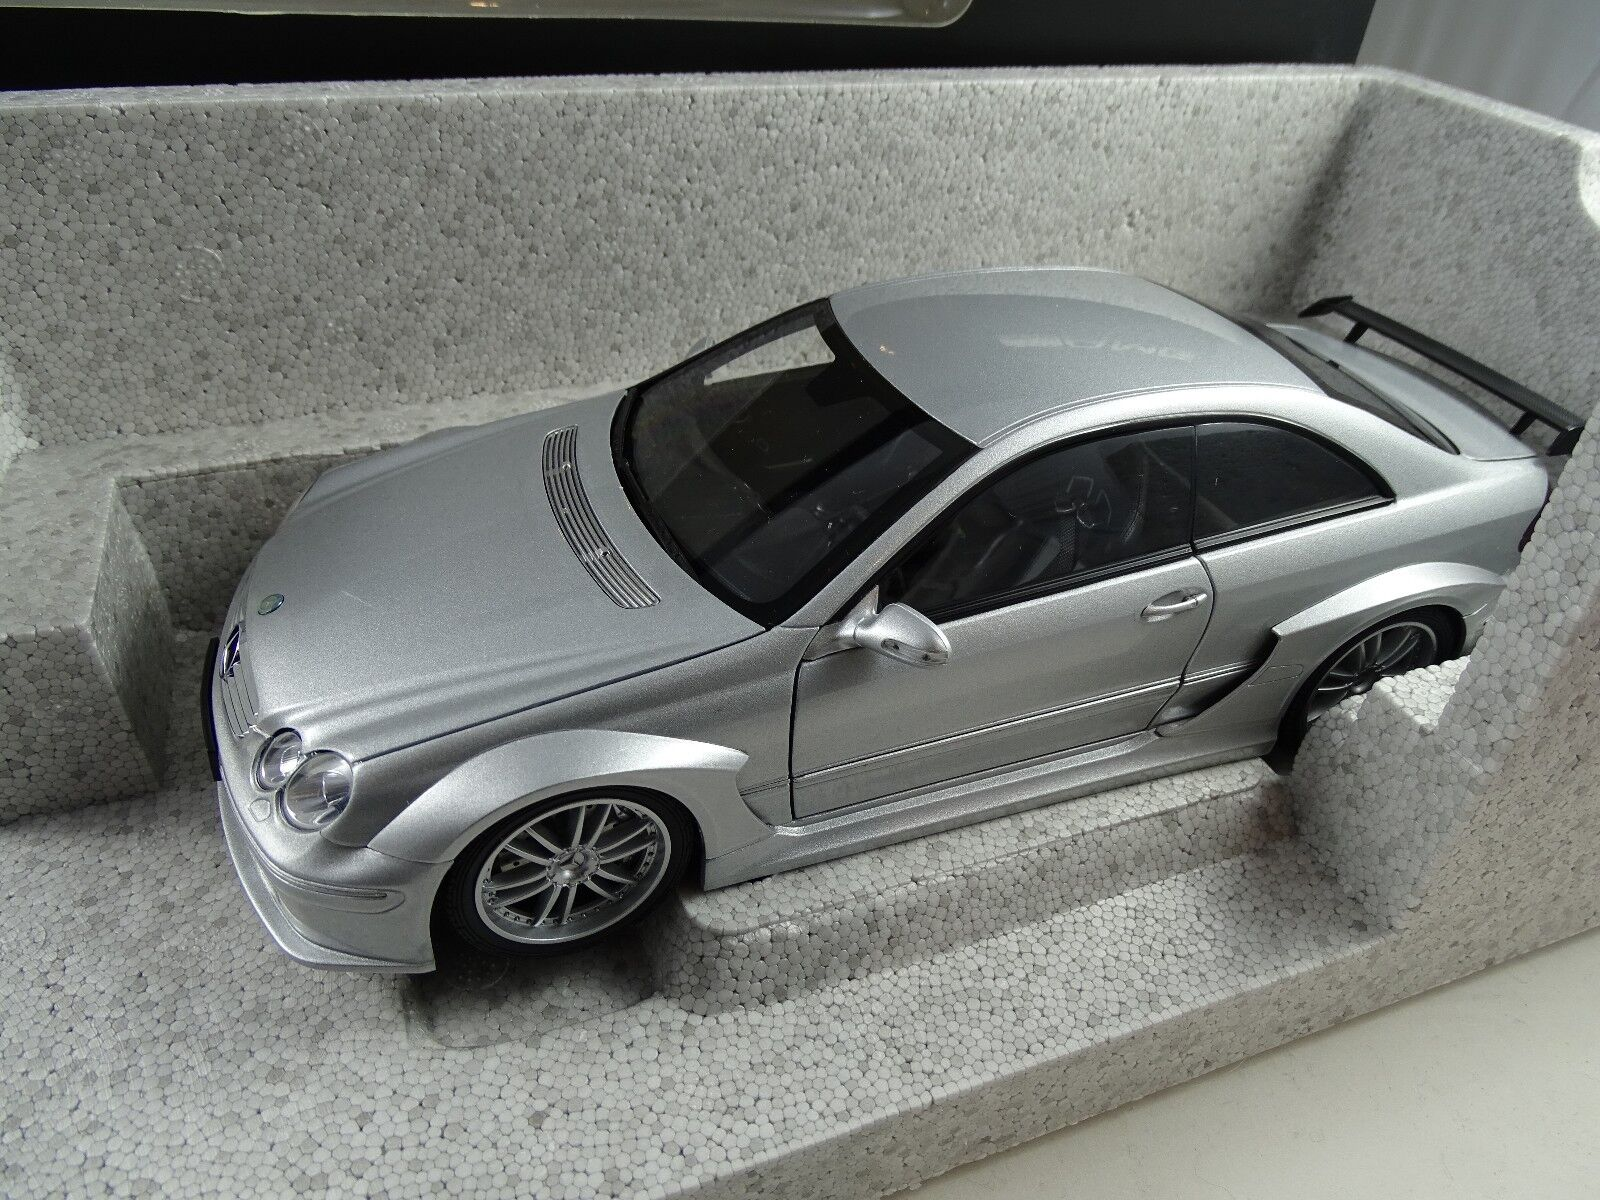 1 18 Dealermodell  B66962271 Mercedes-Benz Clk-Dtm AMG Coupé Rareza§